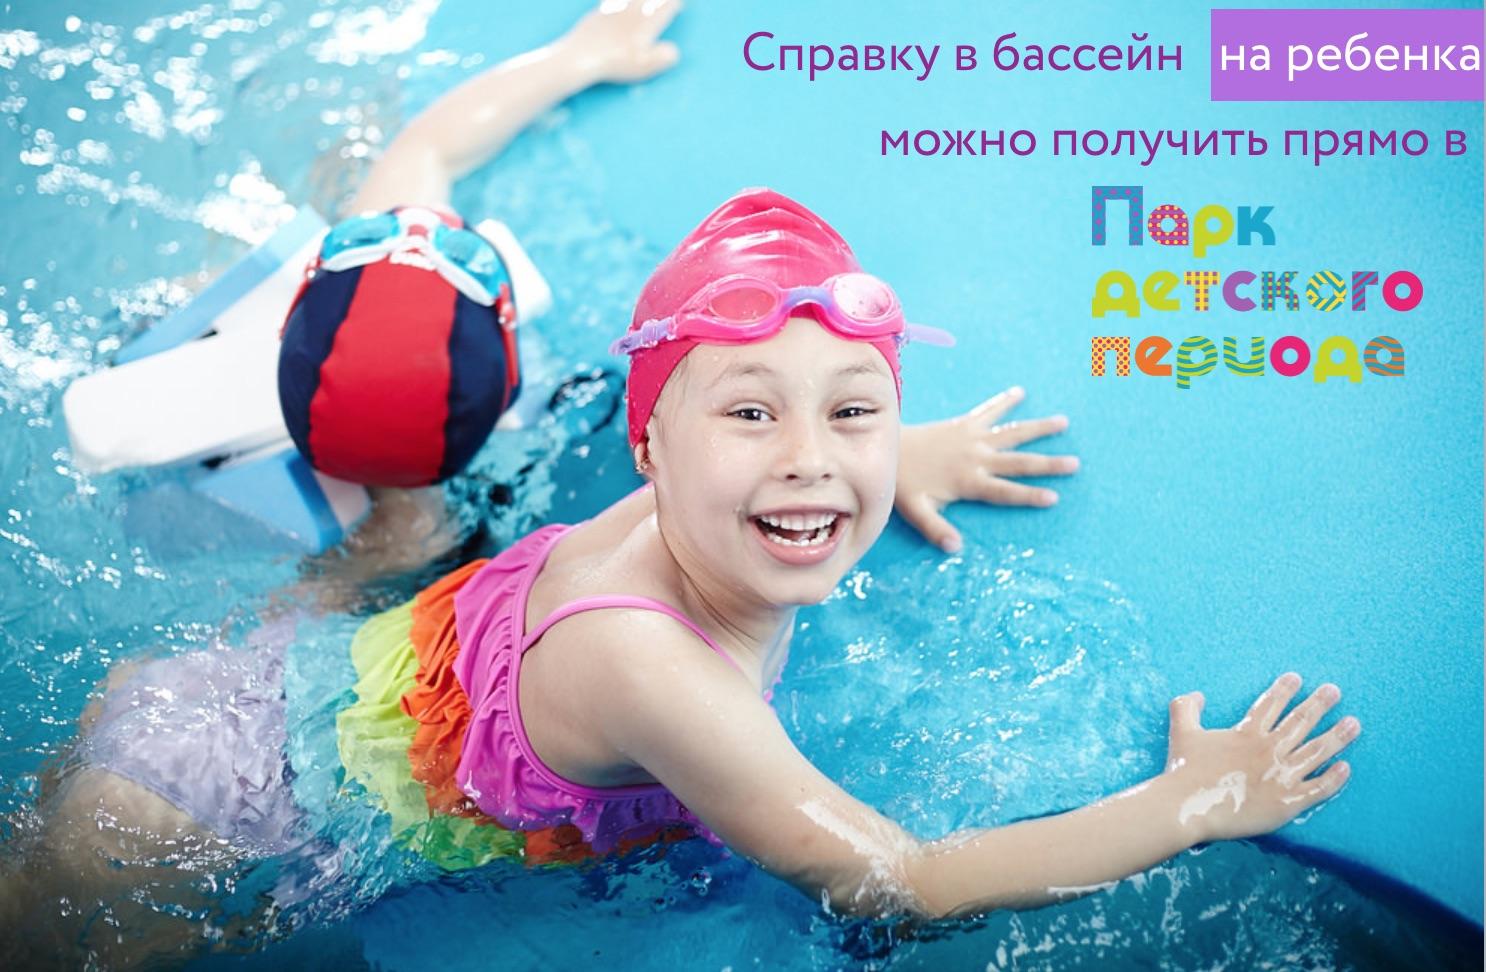 Справку в бассейн